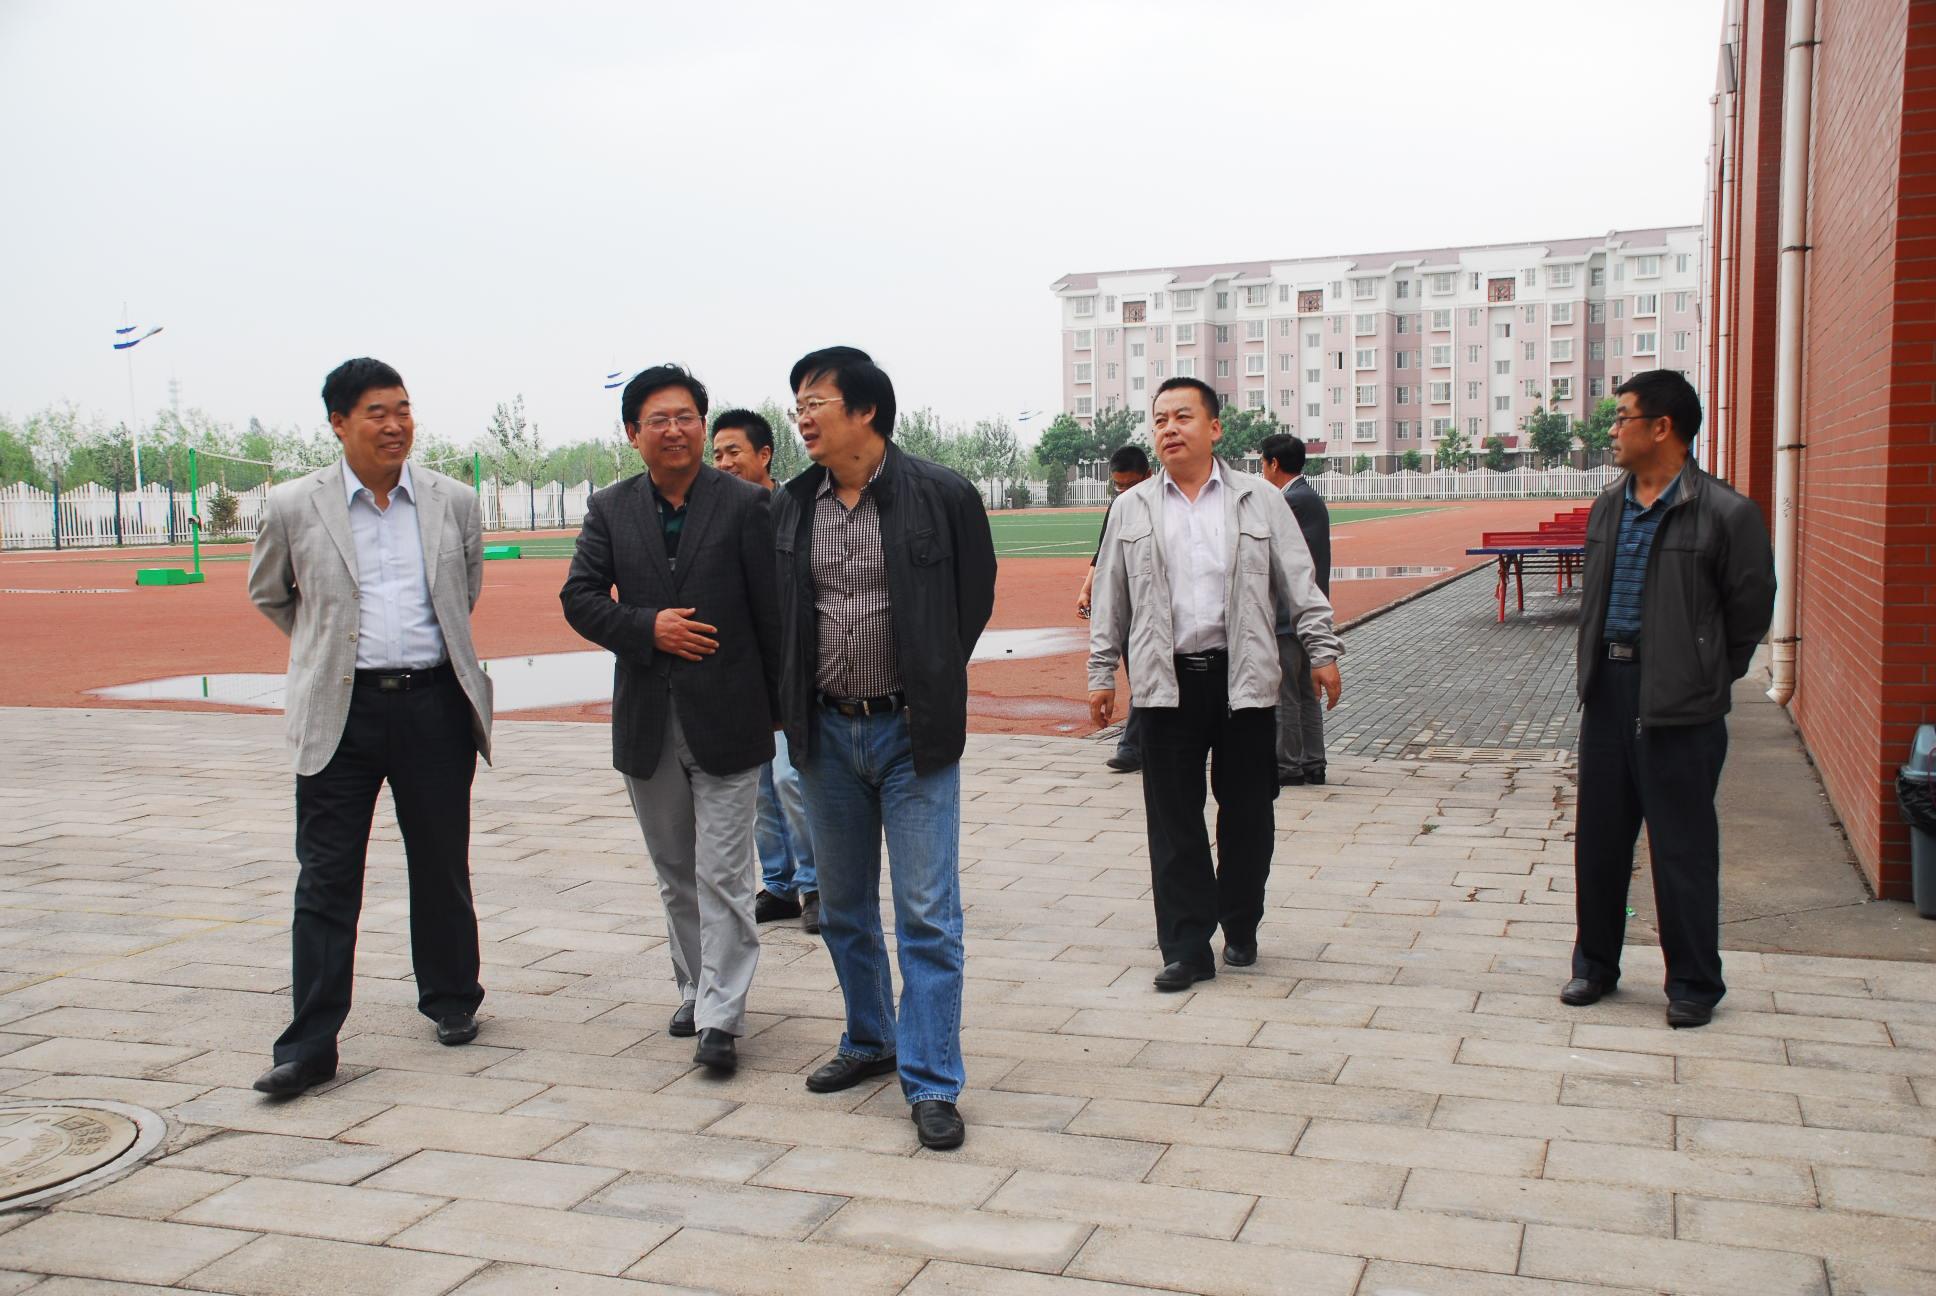 有关系进长庆油田得话,进去是正式工还是劳务工?